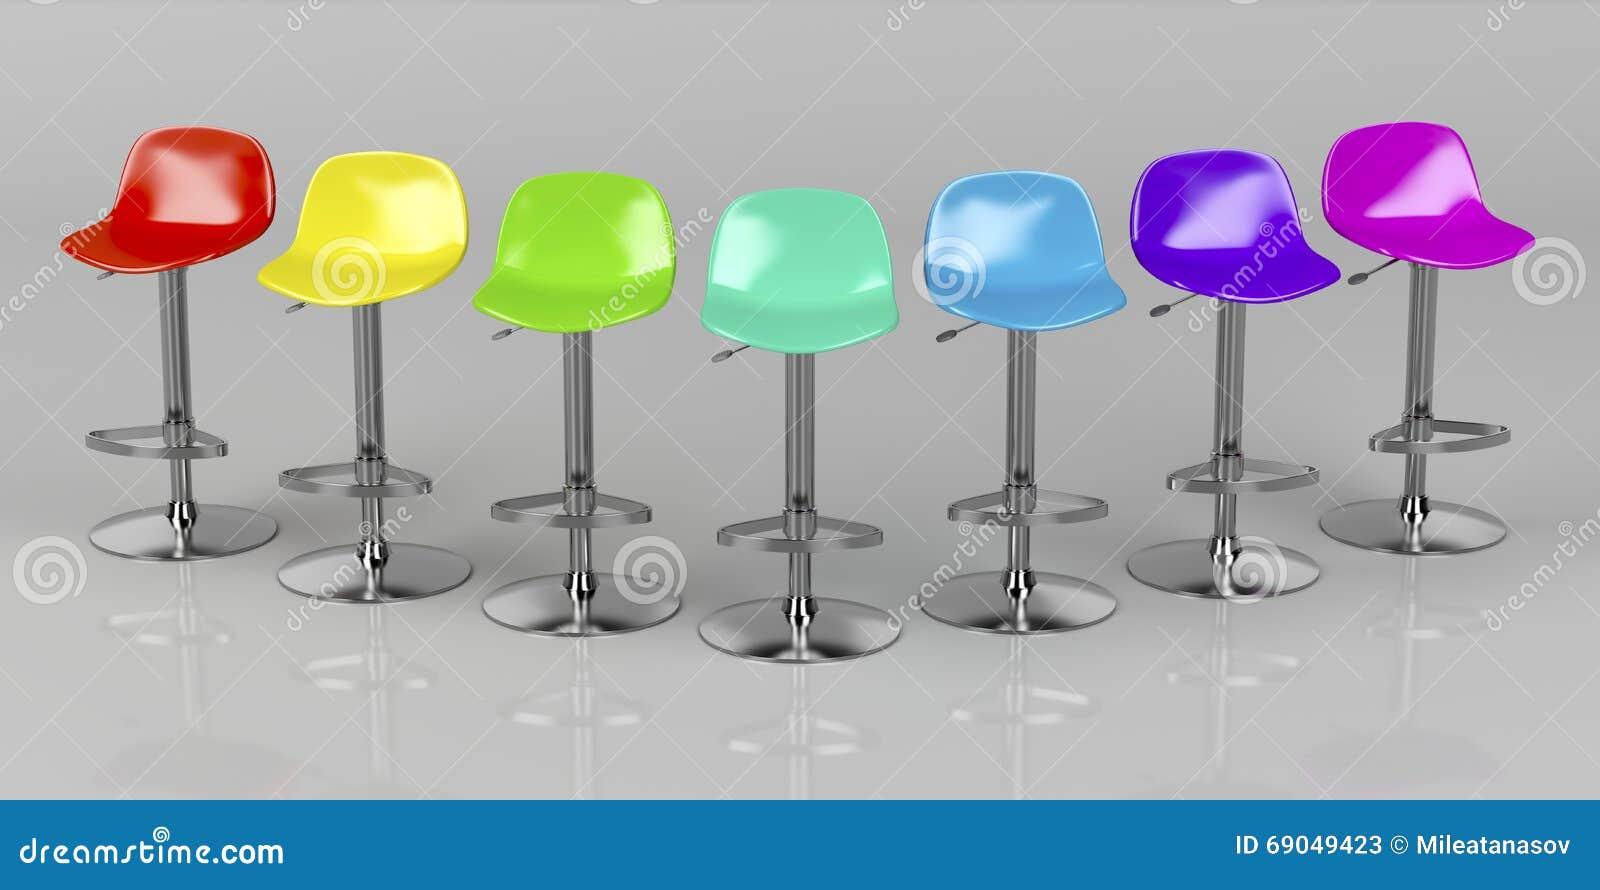 tabourets de bar colorés illustration stock. illustration du coloré